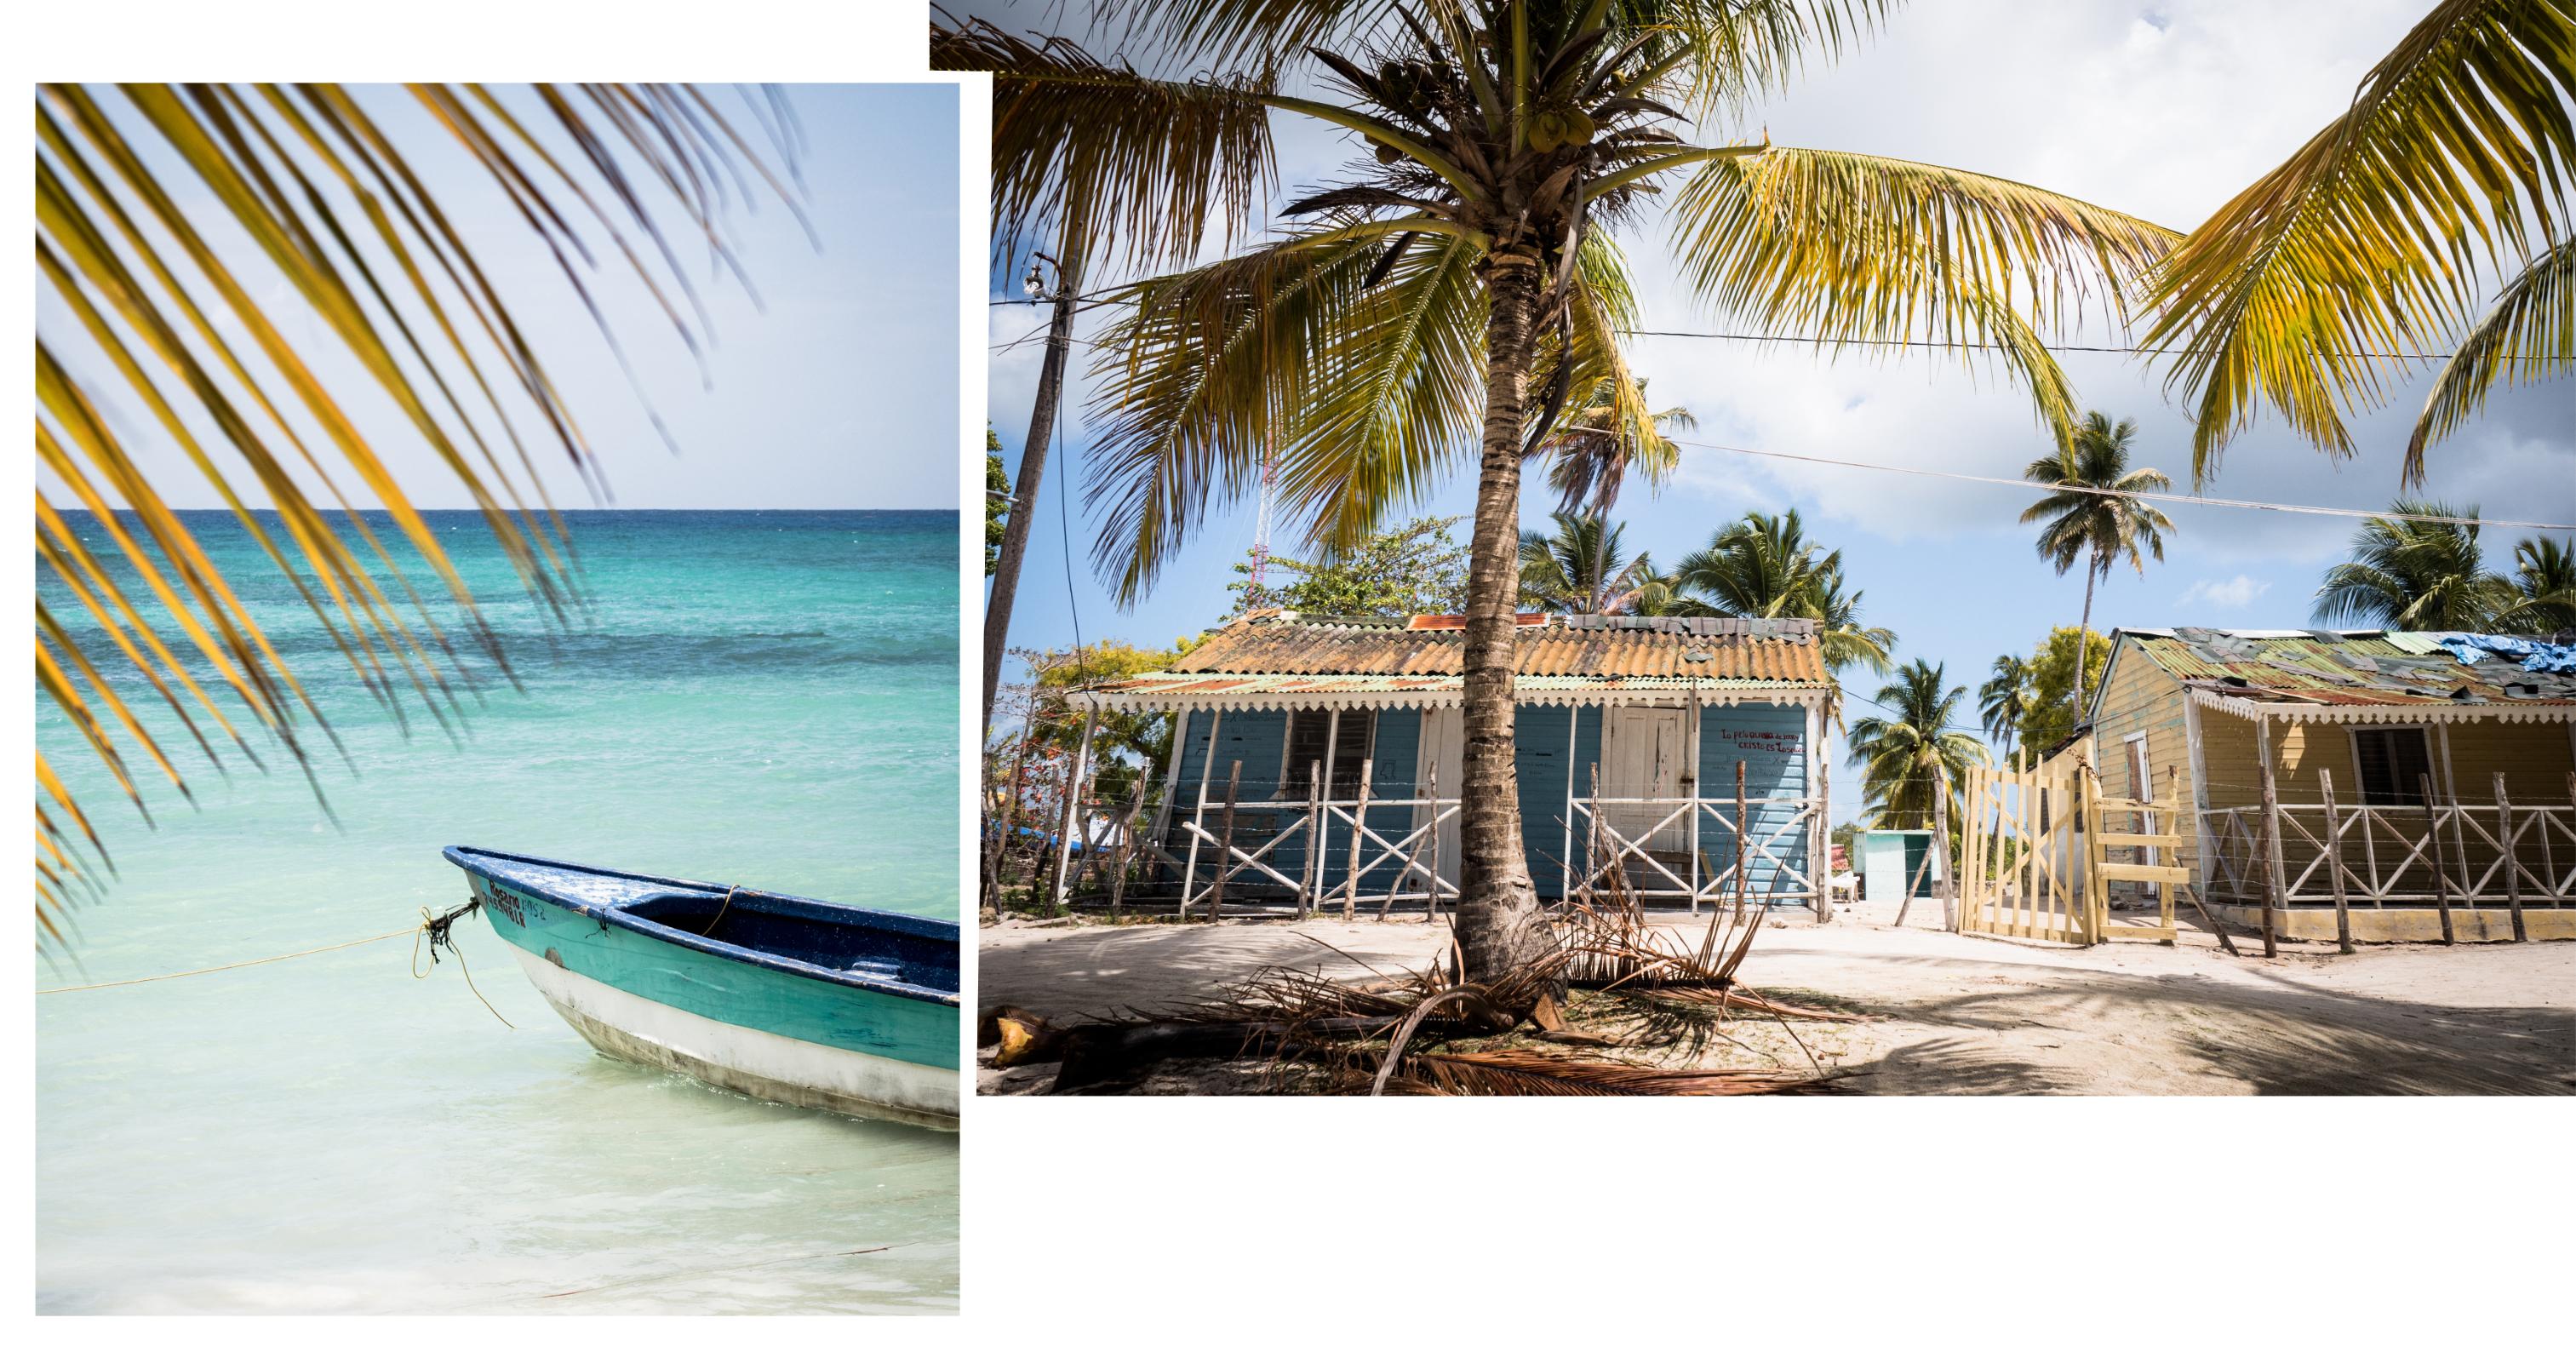 voyage caraibes-saona republique dominicaine - excursion en bateau à saona- caraïbes